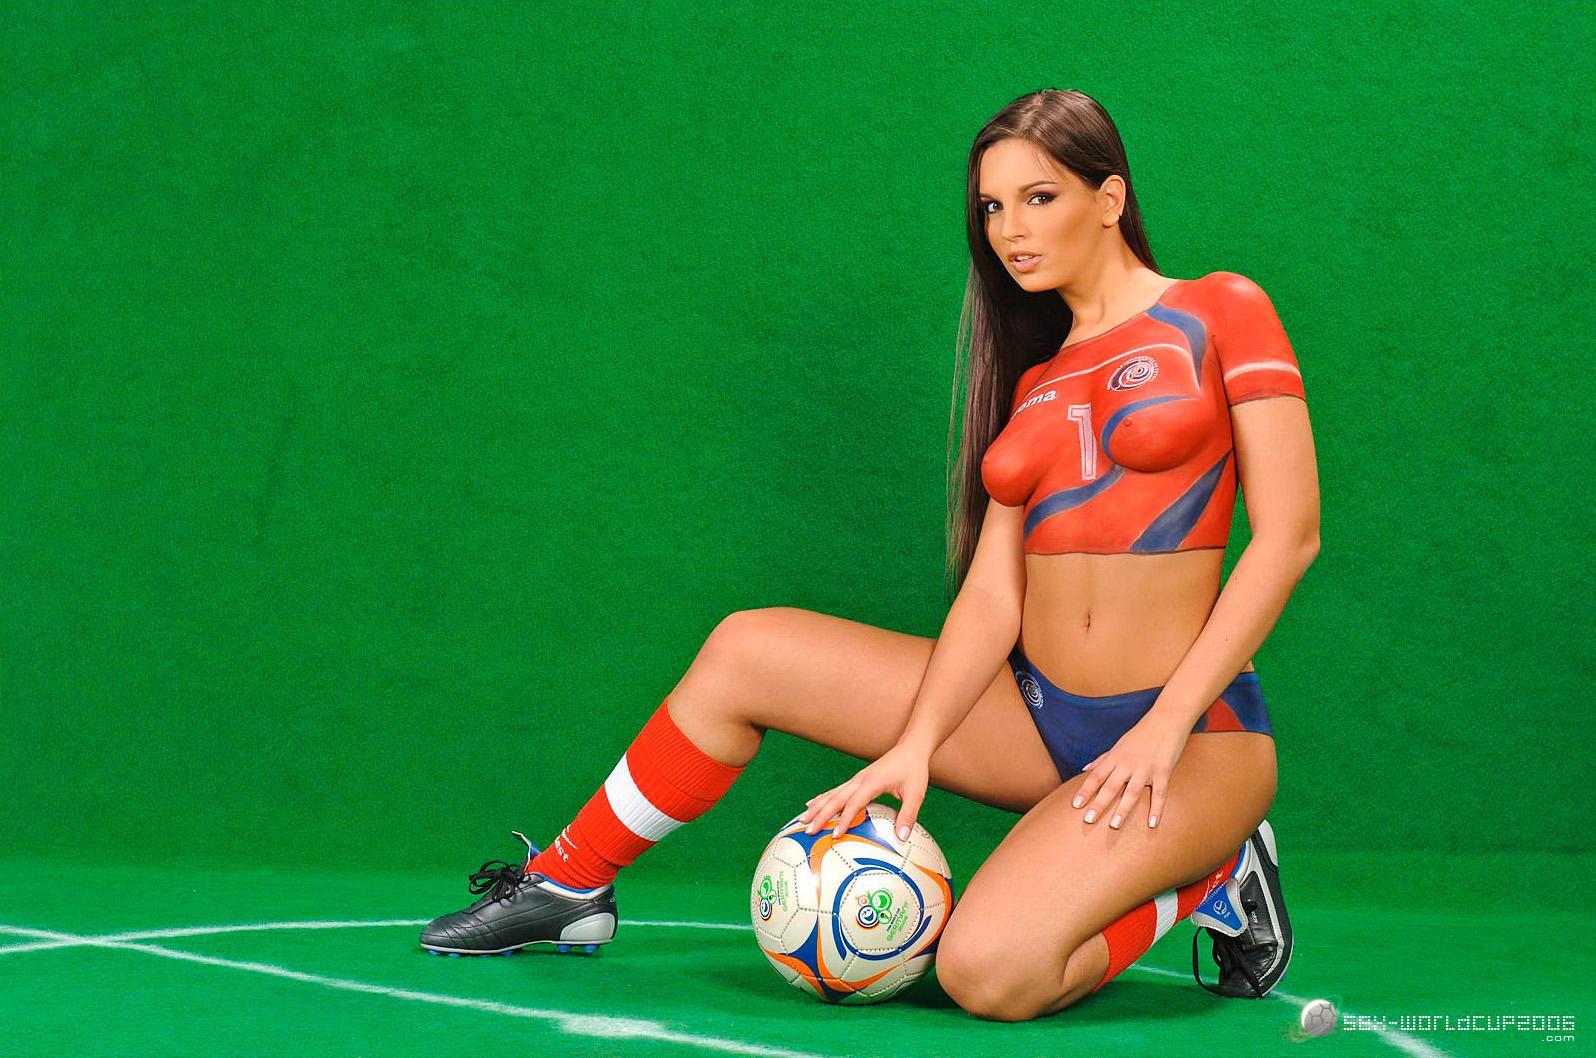 Naked sports babe — photo 5